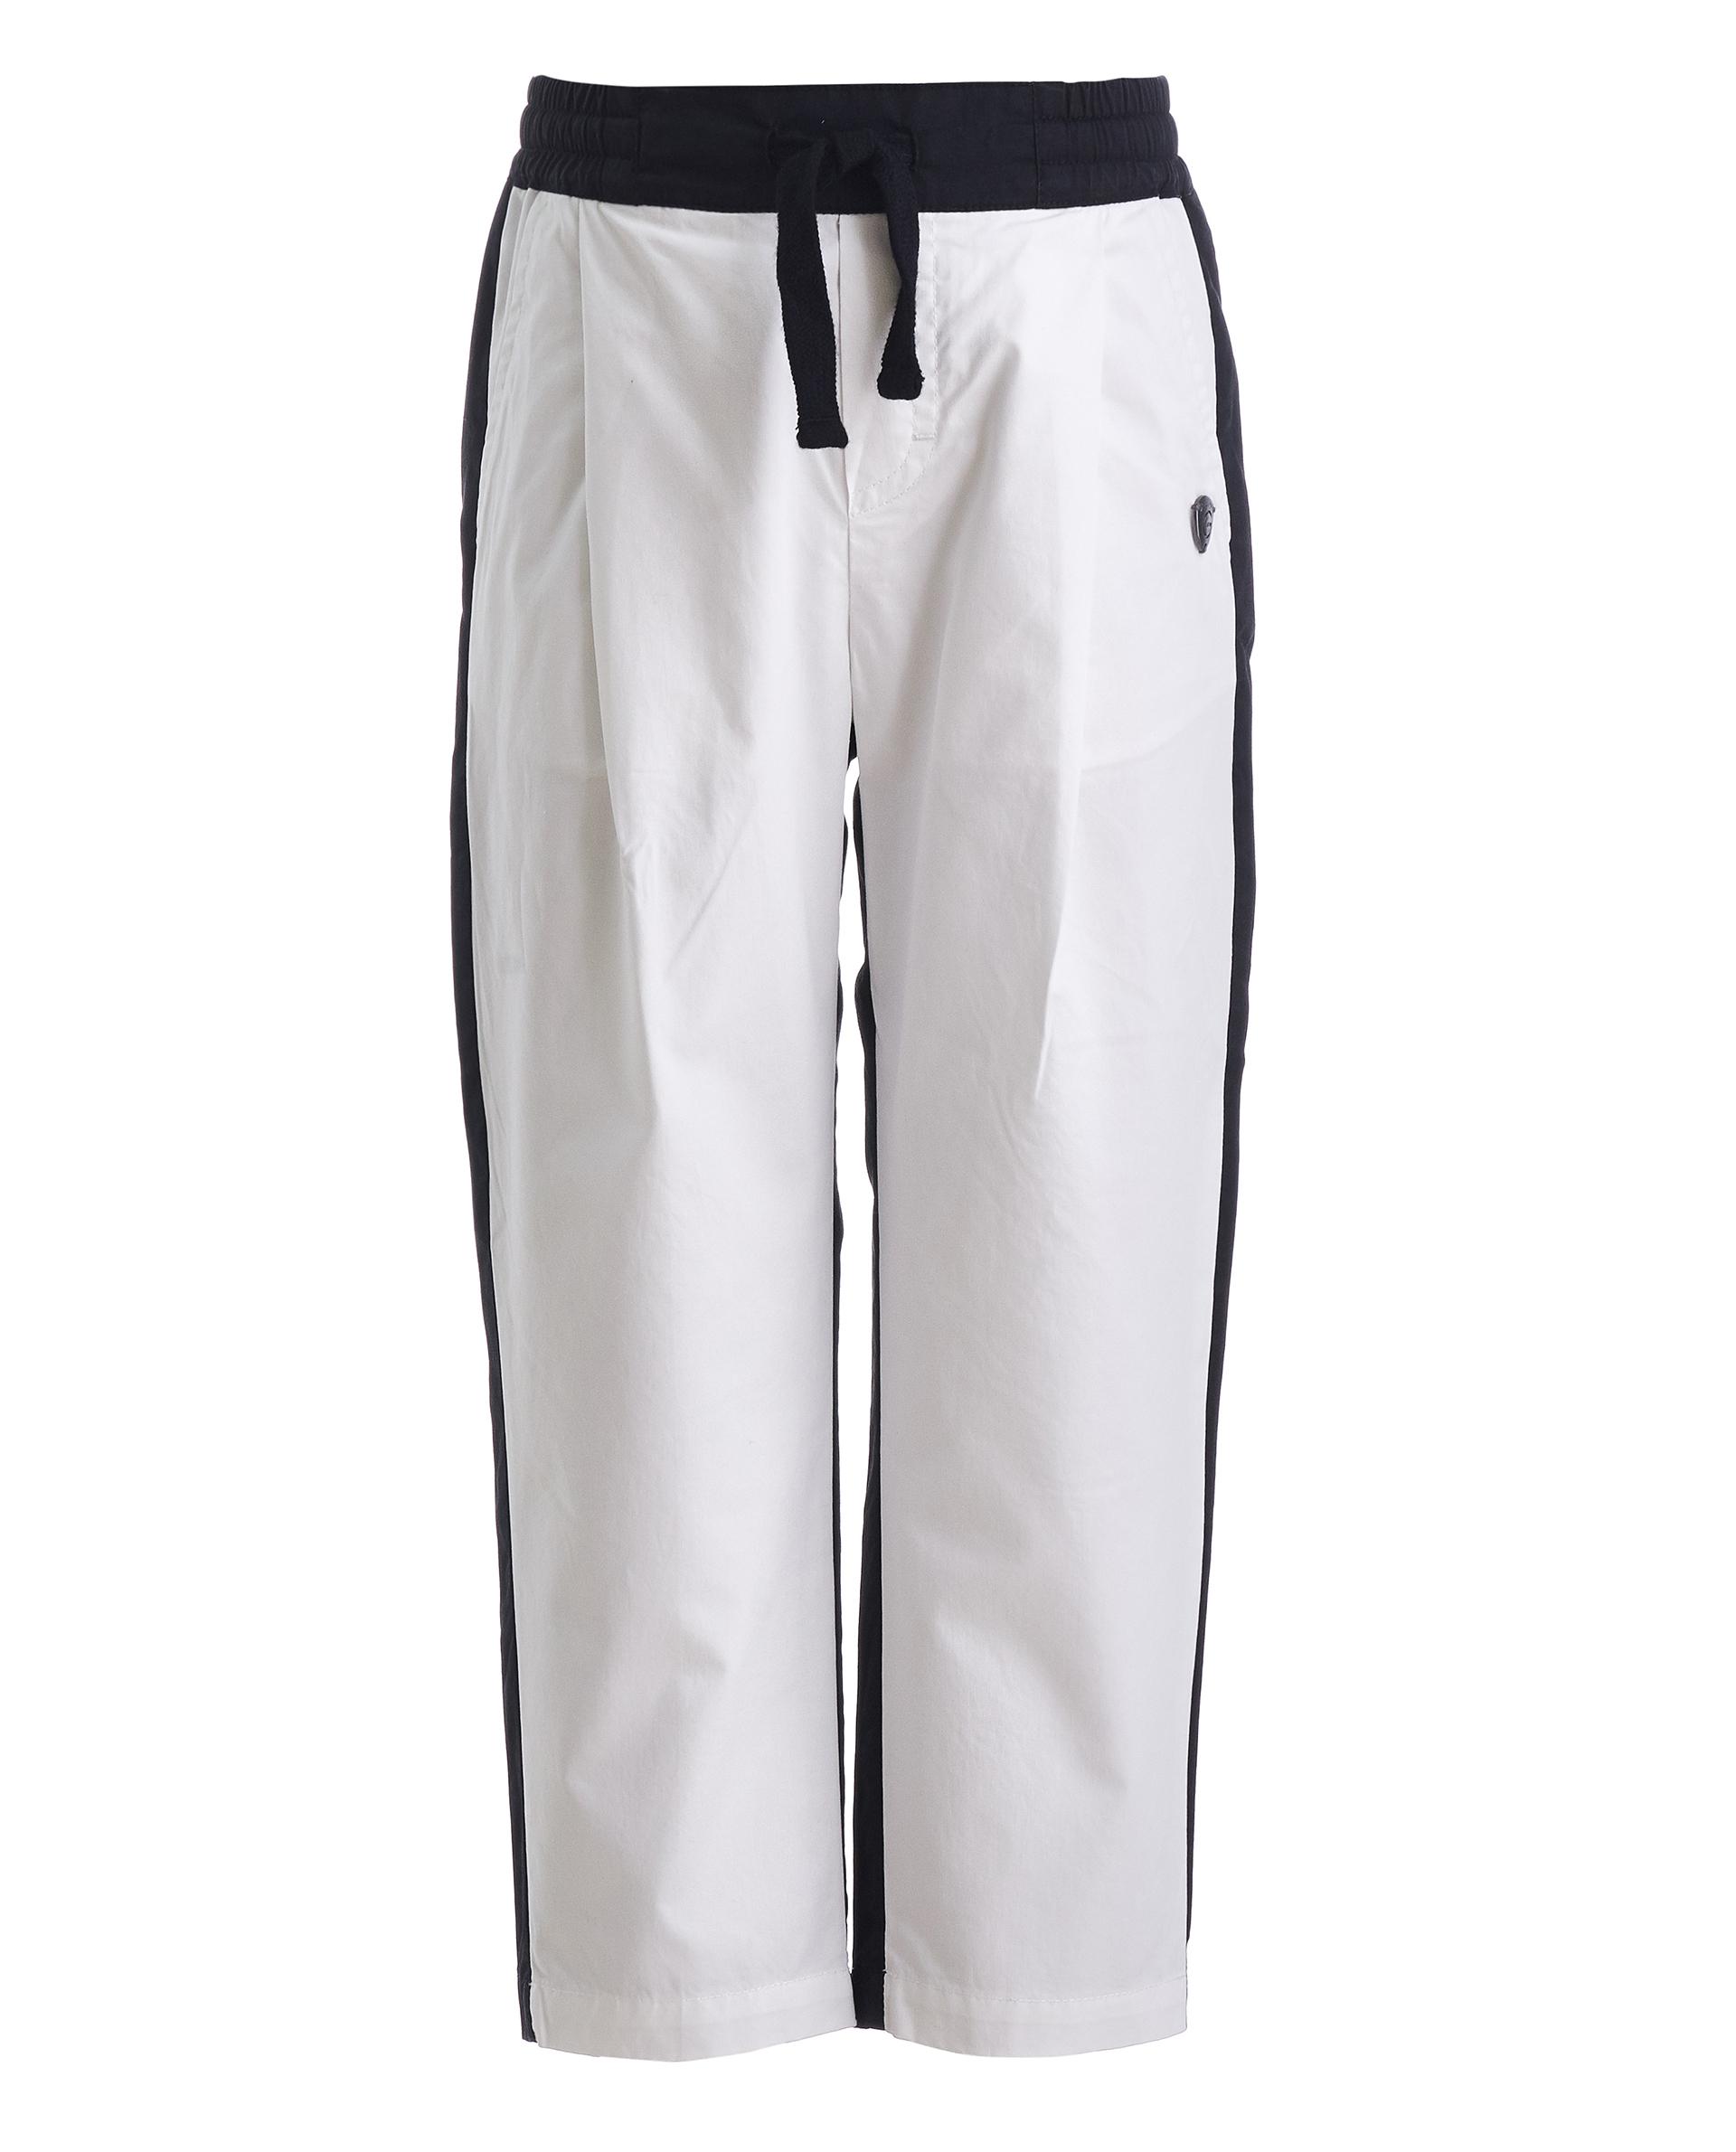 Купить 11905BMC6303, Двуцветные брюки на резинке Gulliver, белый, 104, Мужской, ВЕСНА/ЛЕТО 2019 (shop: GulliverMarket Gulliver Market)